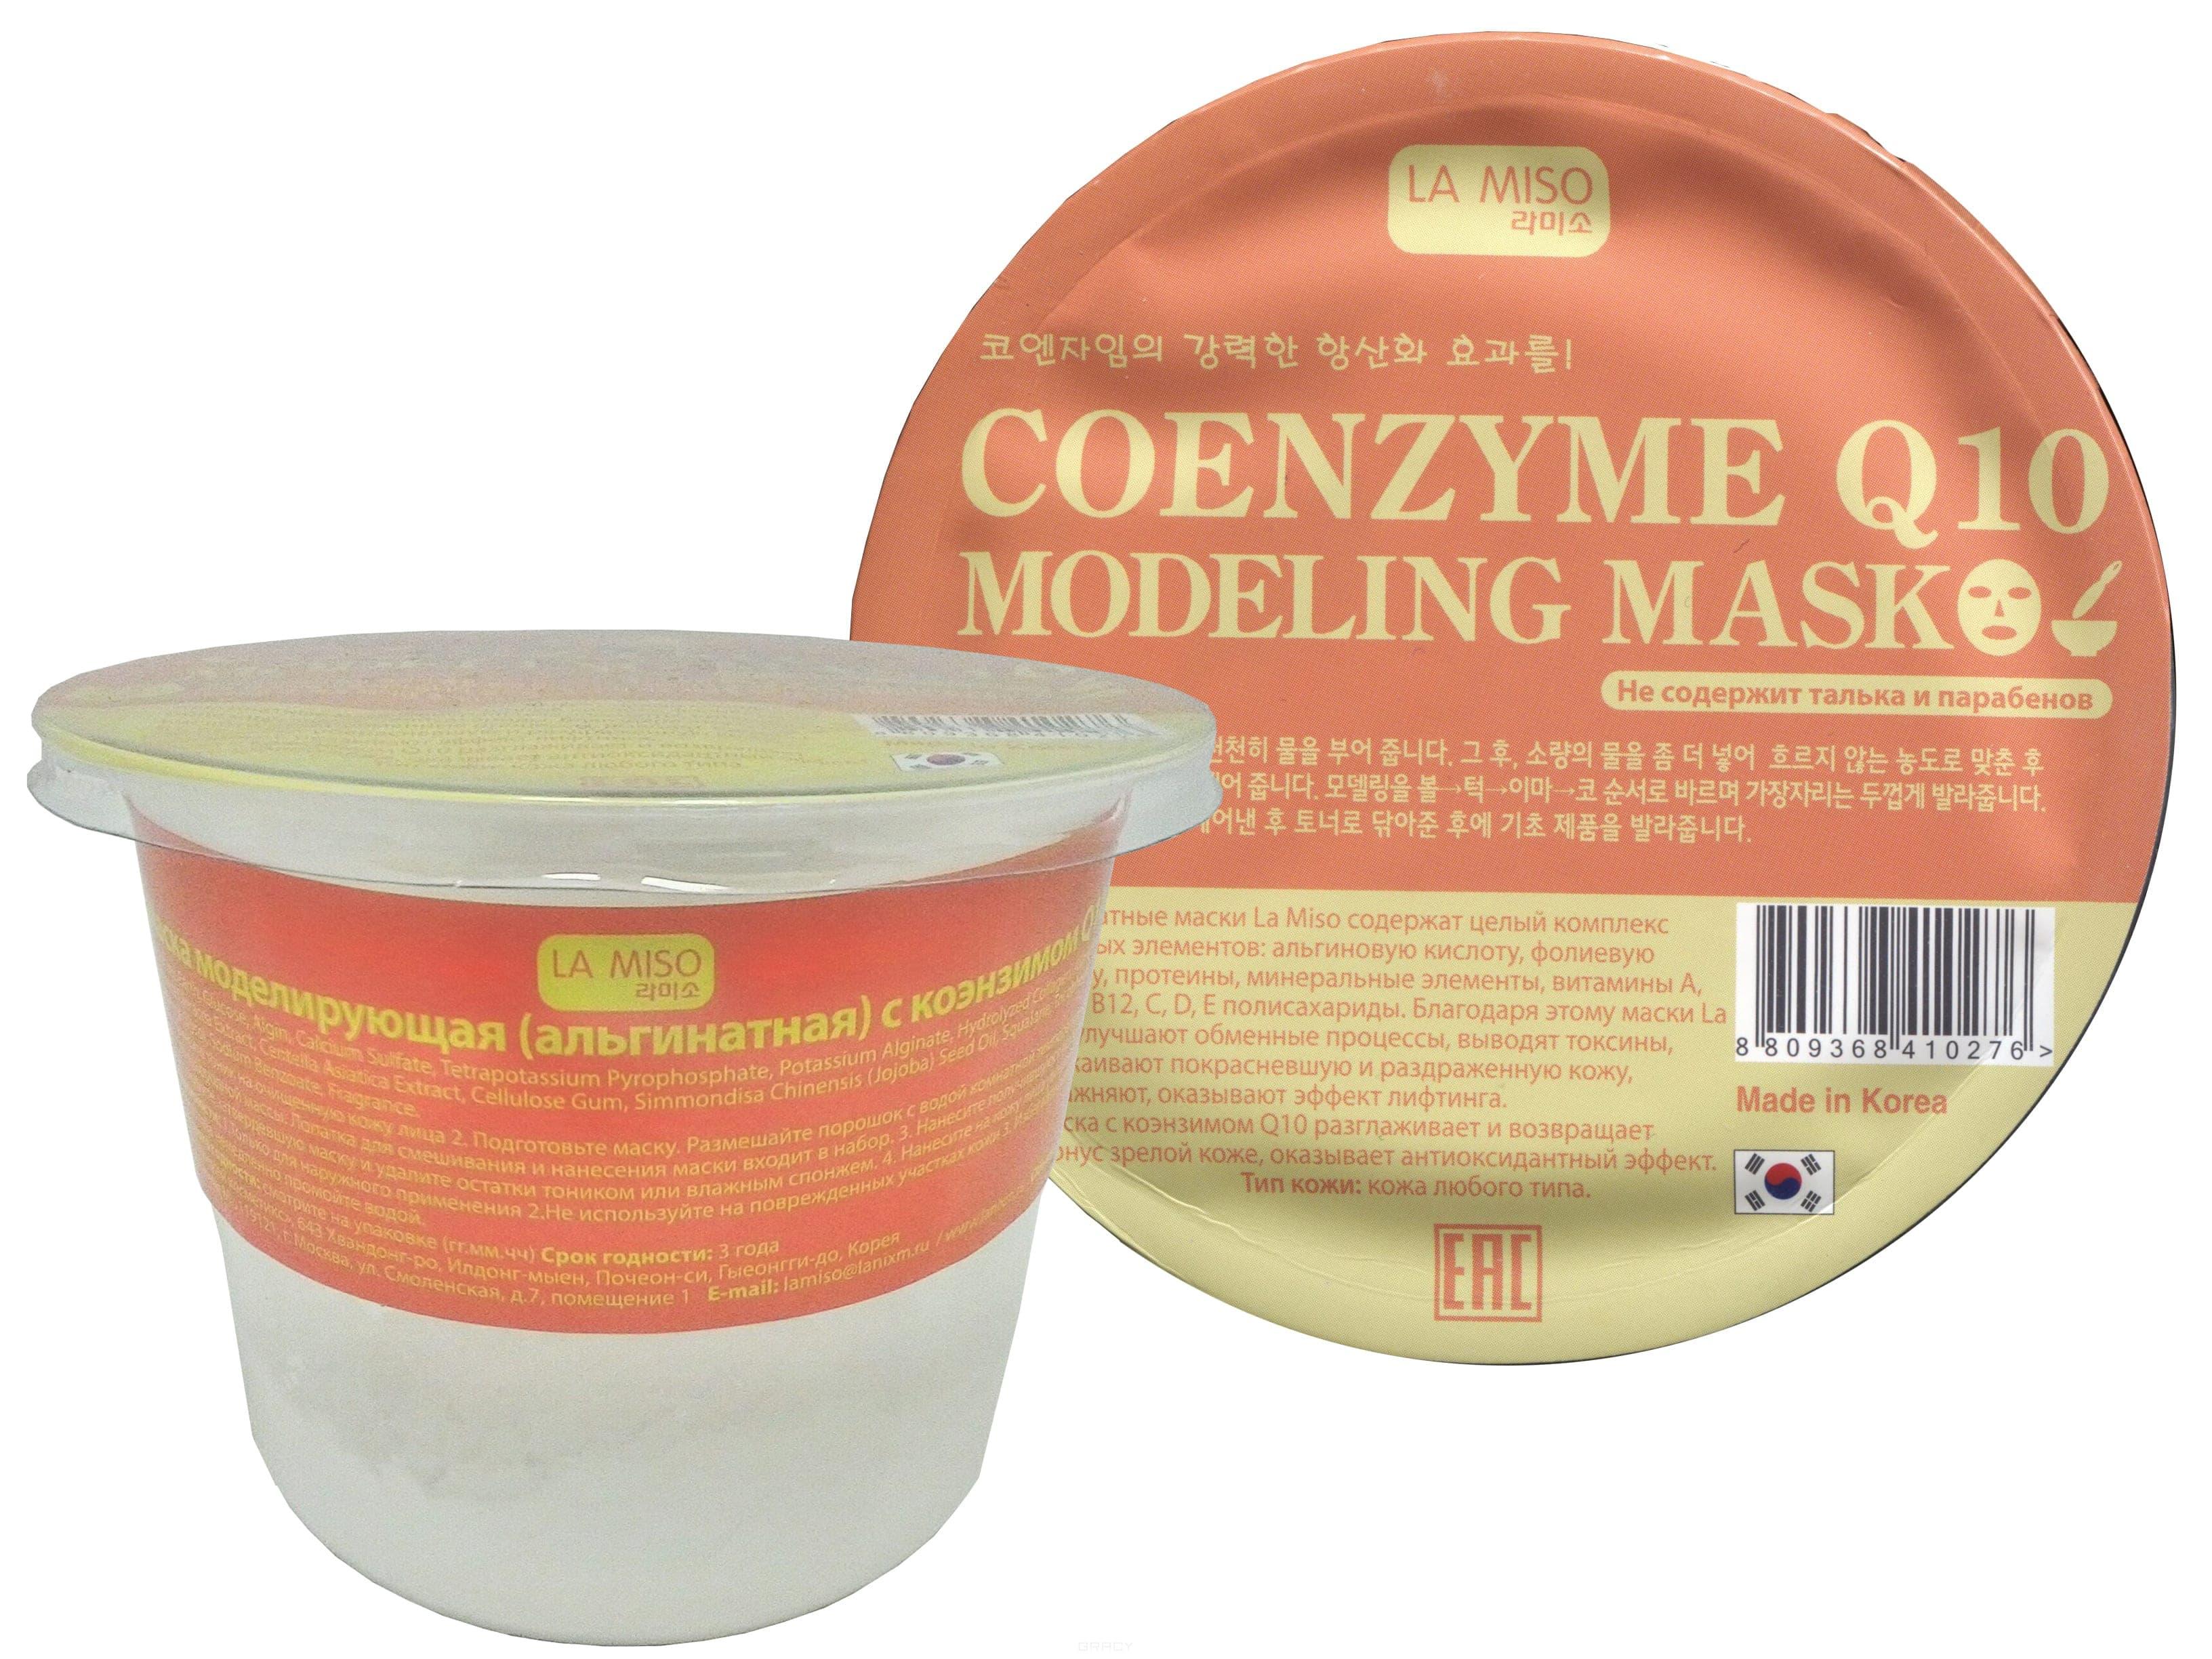 La Miso, Modeling Mask Coenzyme Q10 Маска для лица моделирующая (альгинатная) с коэнзимом, для зрелой кожи Ла Мисо, 28 гр все цены